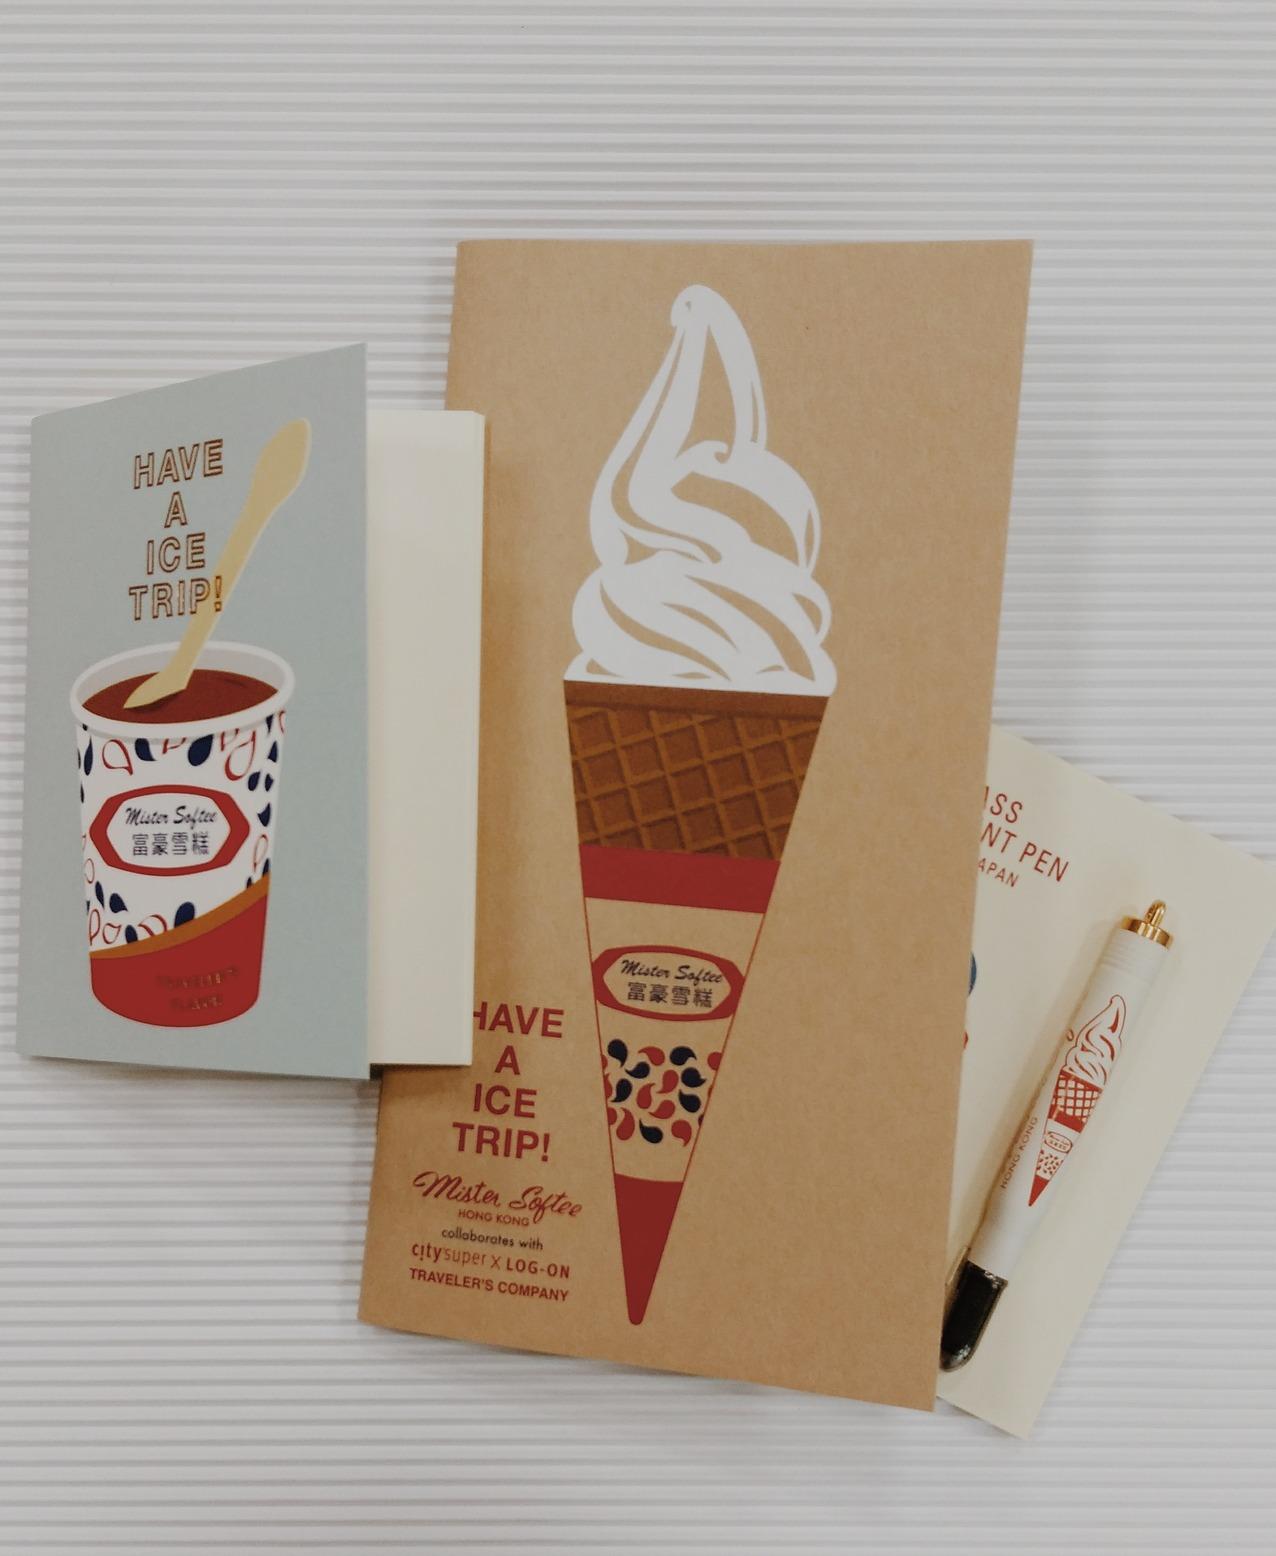 軟雪糕和蓮花杯為封面的筆記本各240元、300元,以及黃銅系列原子筆。